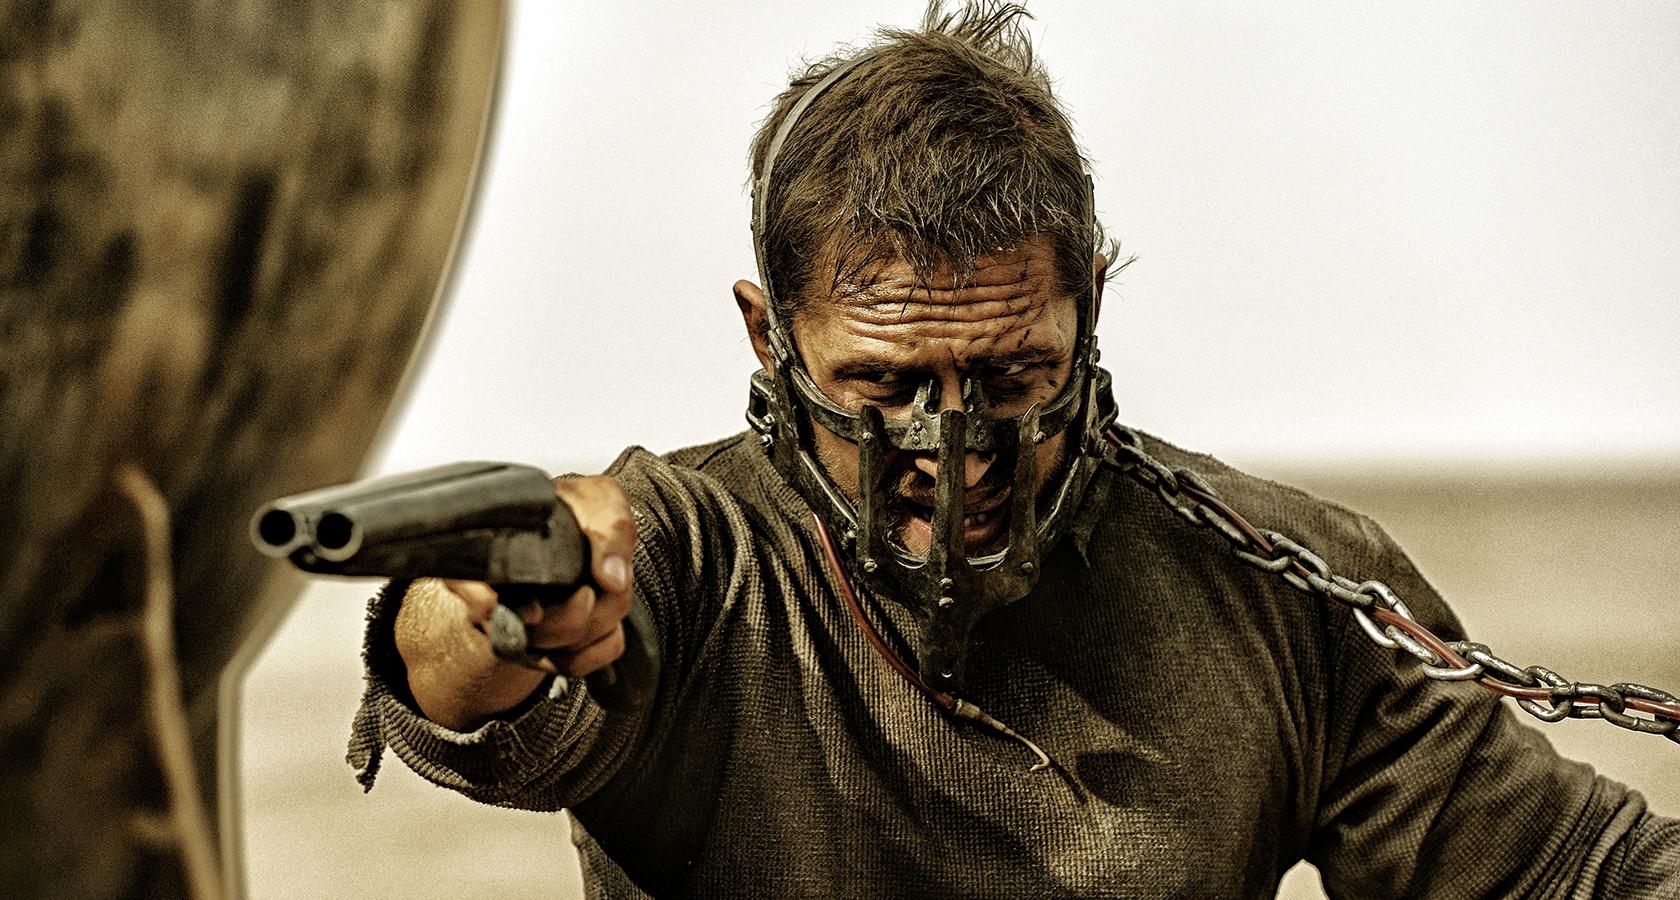 Итоги 2010-х: 10 лучших фантастических фильмов поверсии читателей МирФ 6